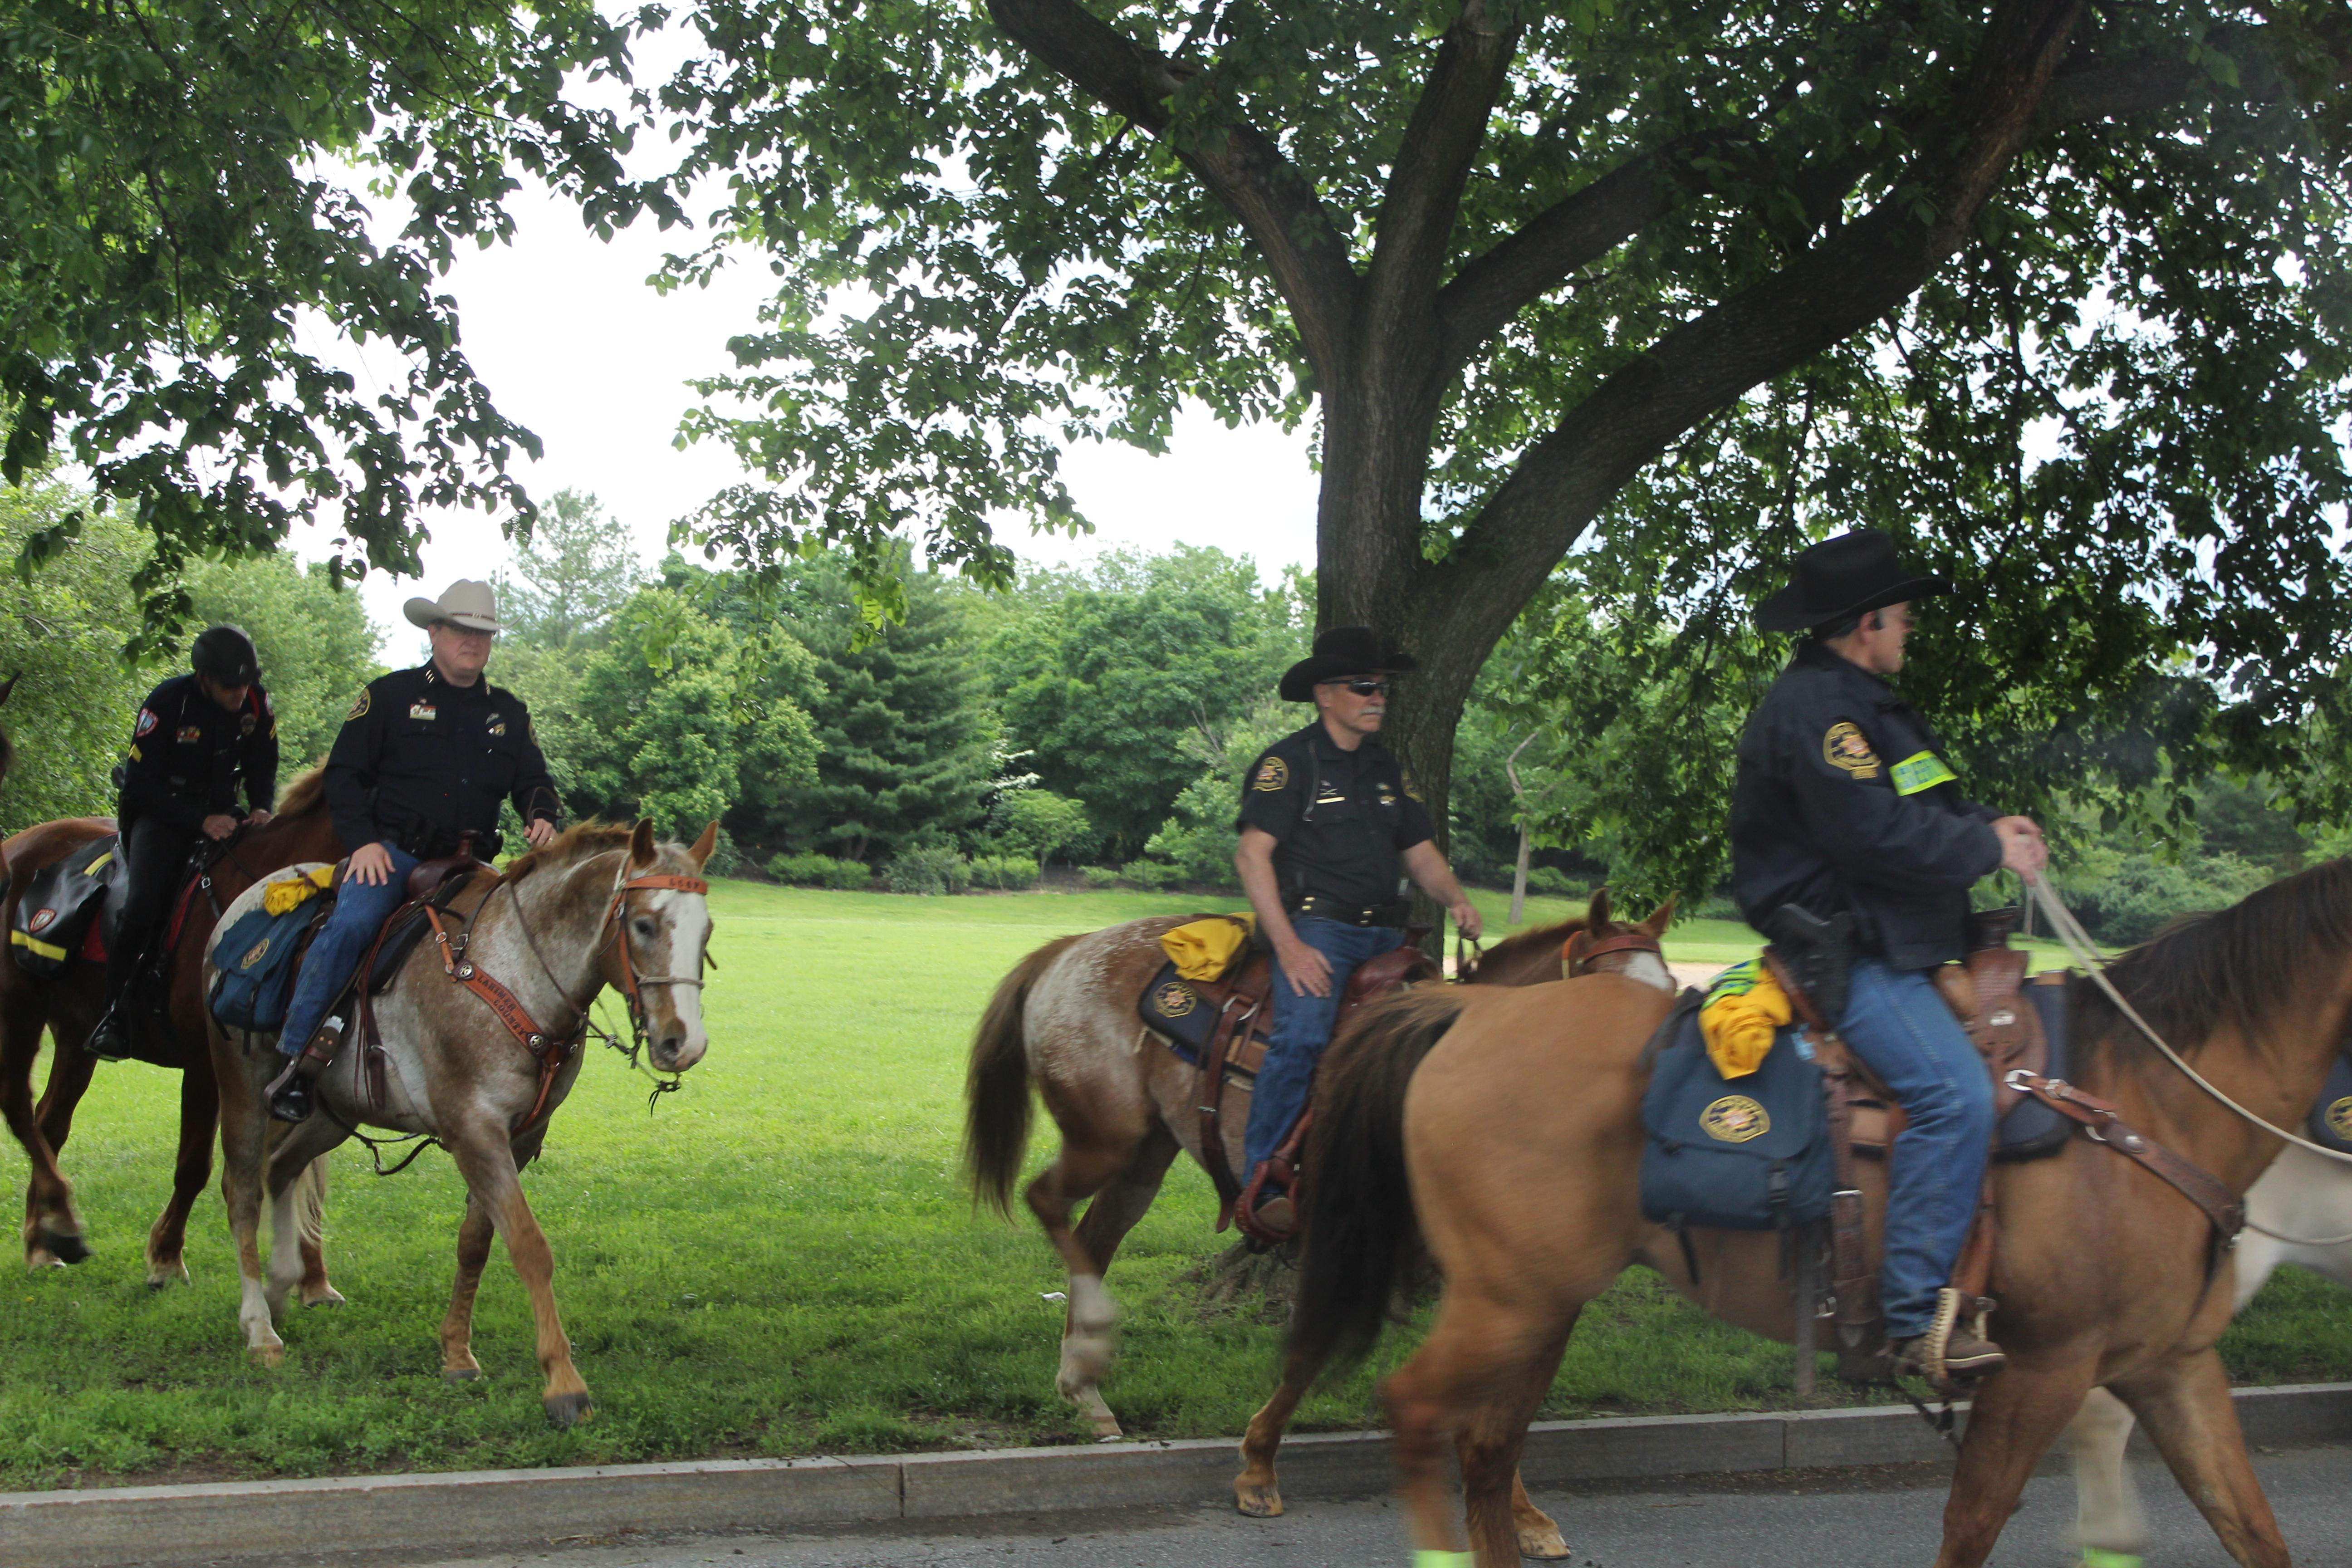 Imagen 12: Posse del Sheriff